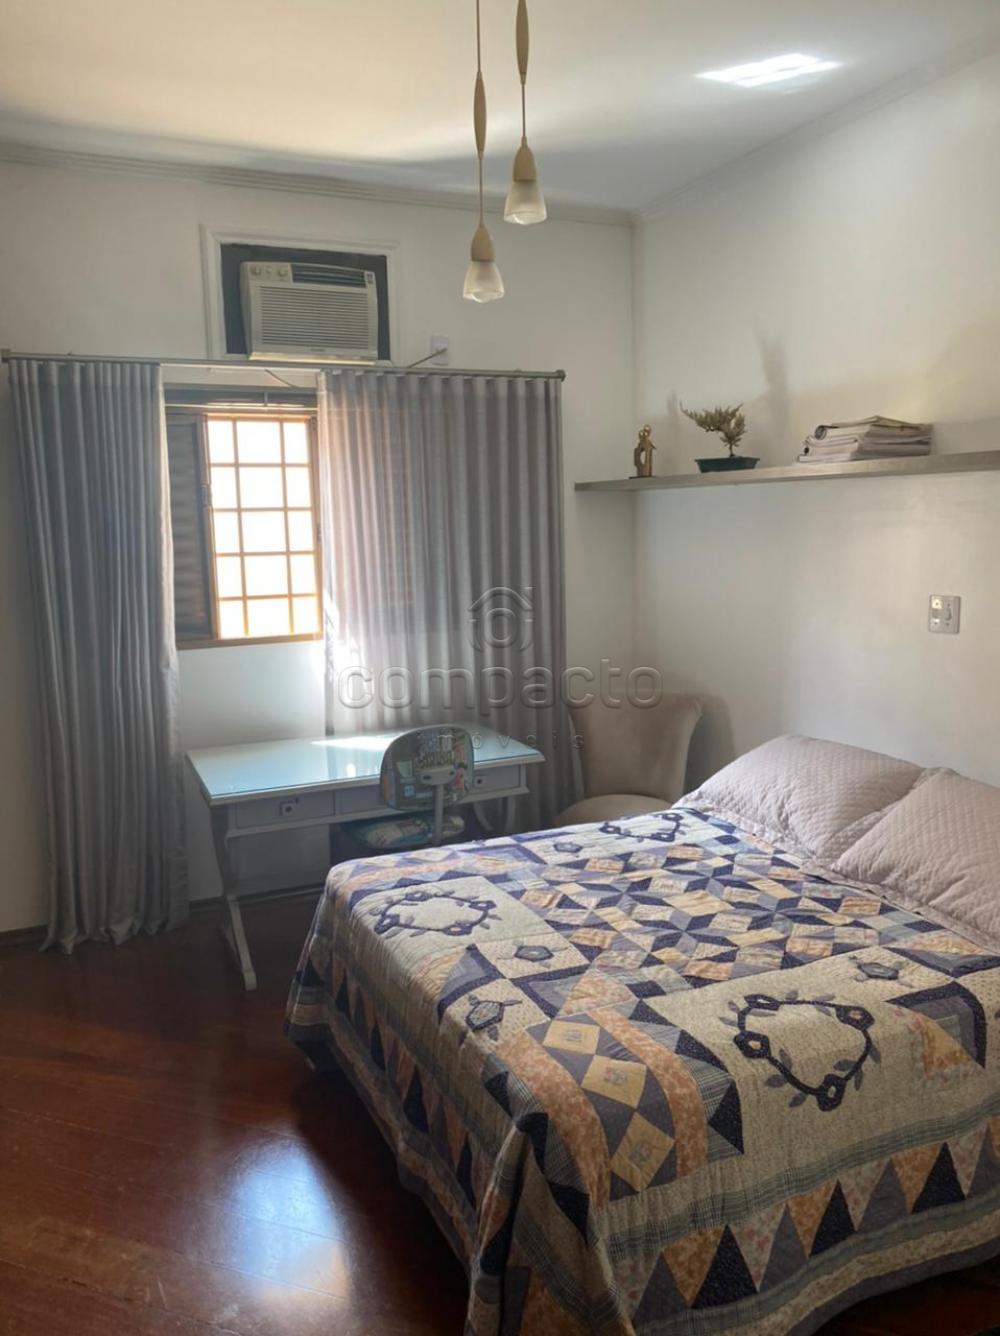 Comprar Casa / Padrão em São José do Rio Preto apenas R$ 1.200.000,00 - Foto 21